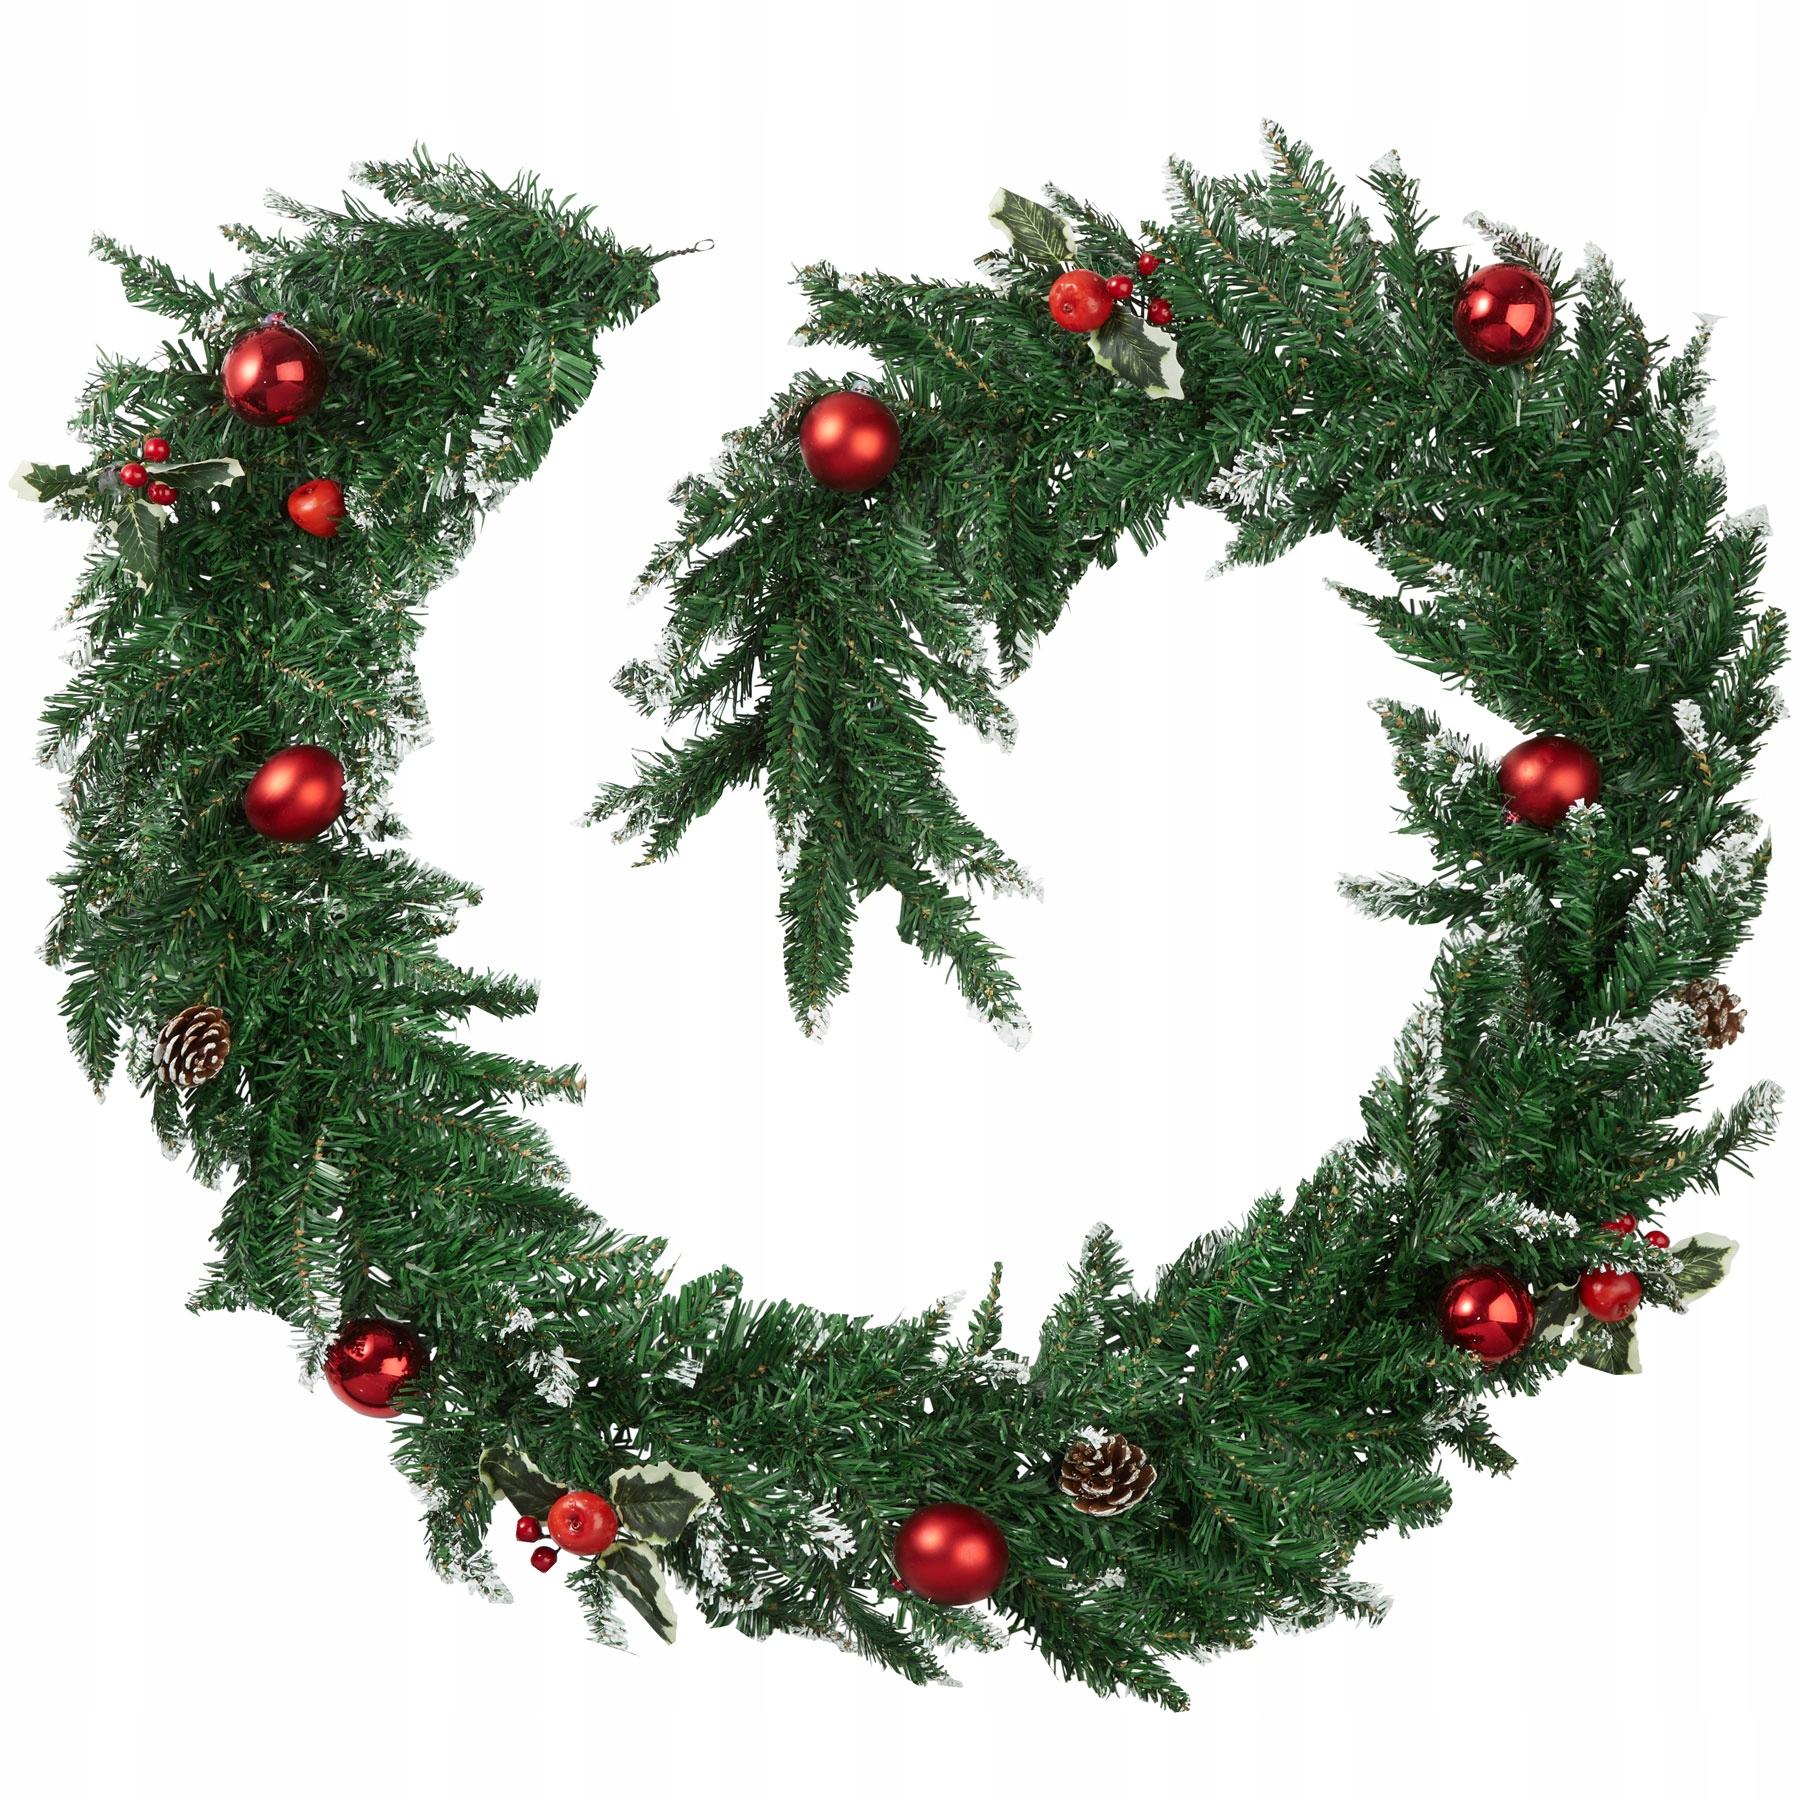 Vianočná girlanda s ozdobami a šiškami 403315